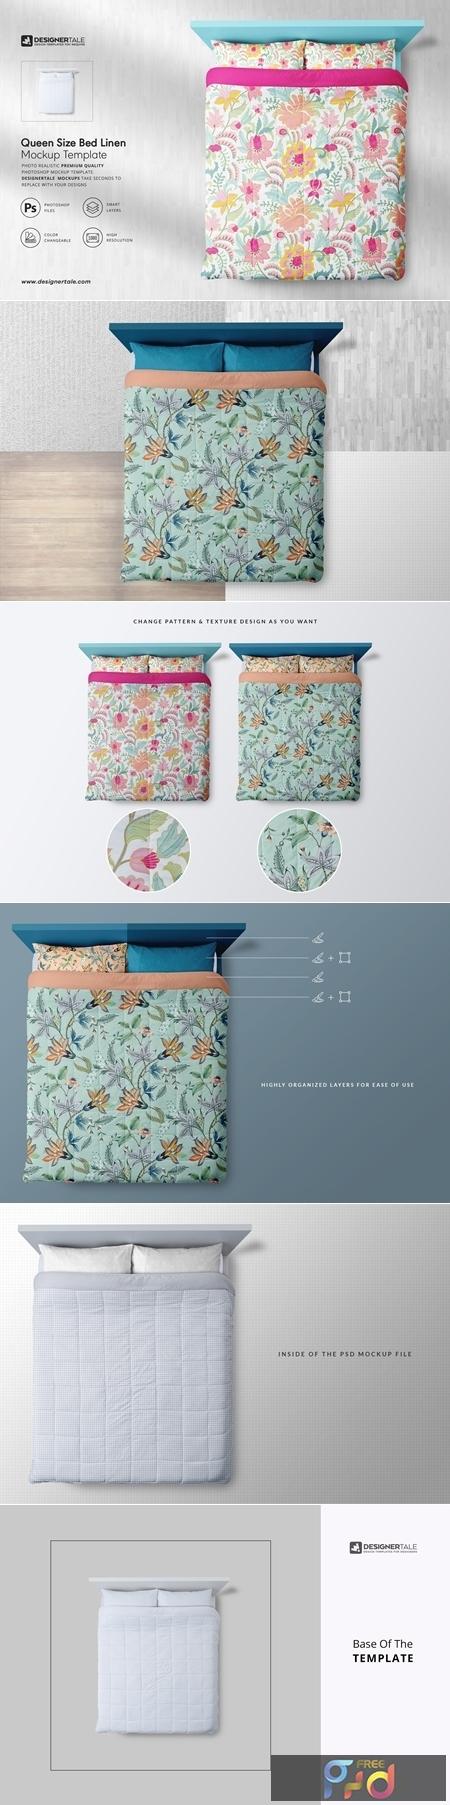 Queen Size Bed Linen Mockup 4131214 1